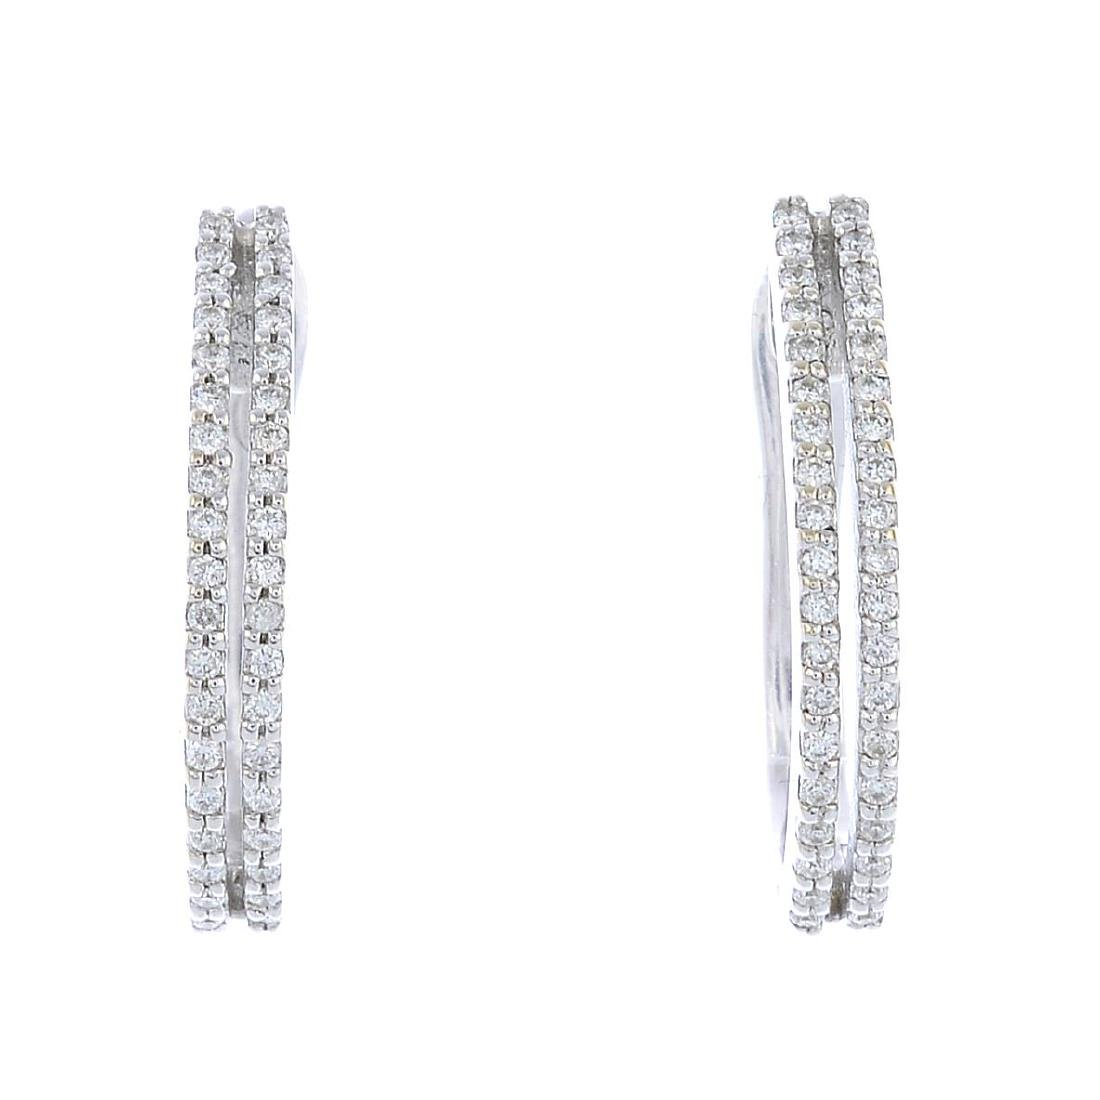 A pair of diamond hoop earrings. Each designed as a